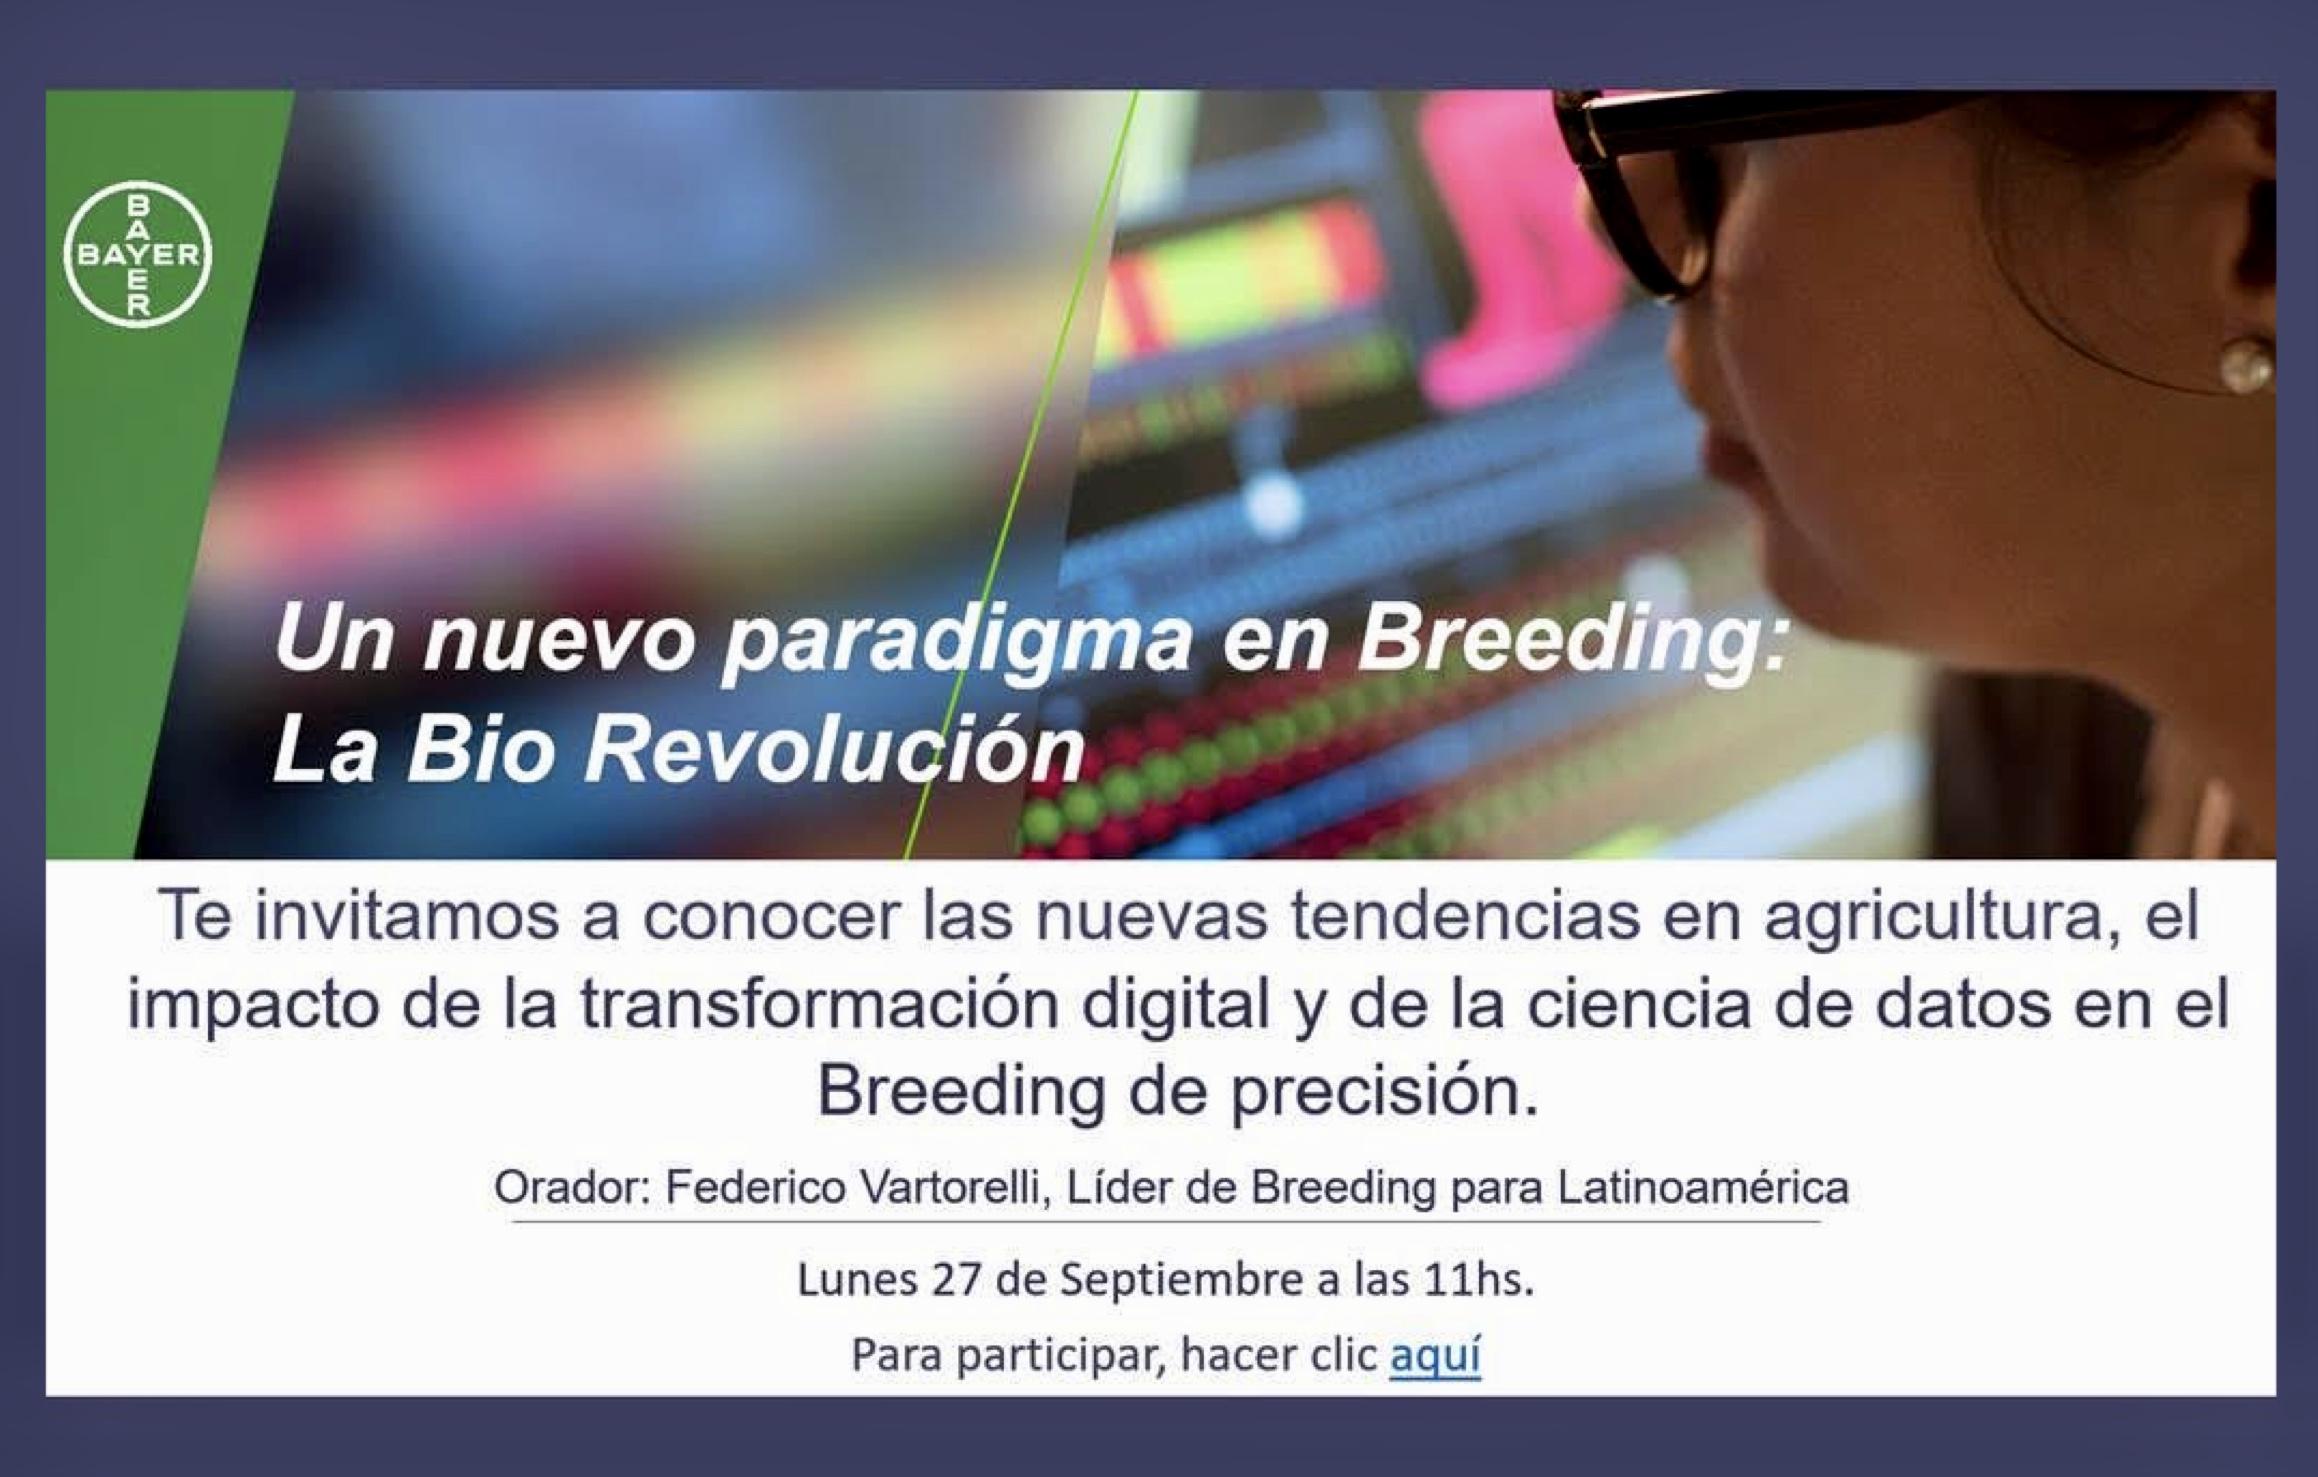 El breeding y la transformación del agro